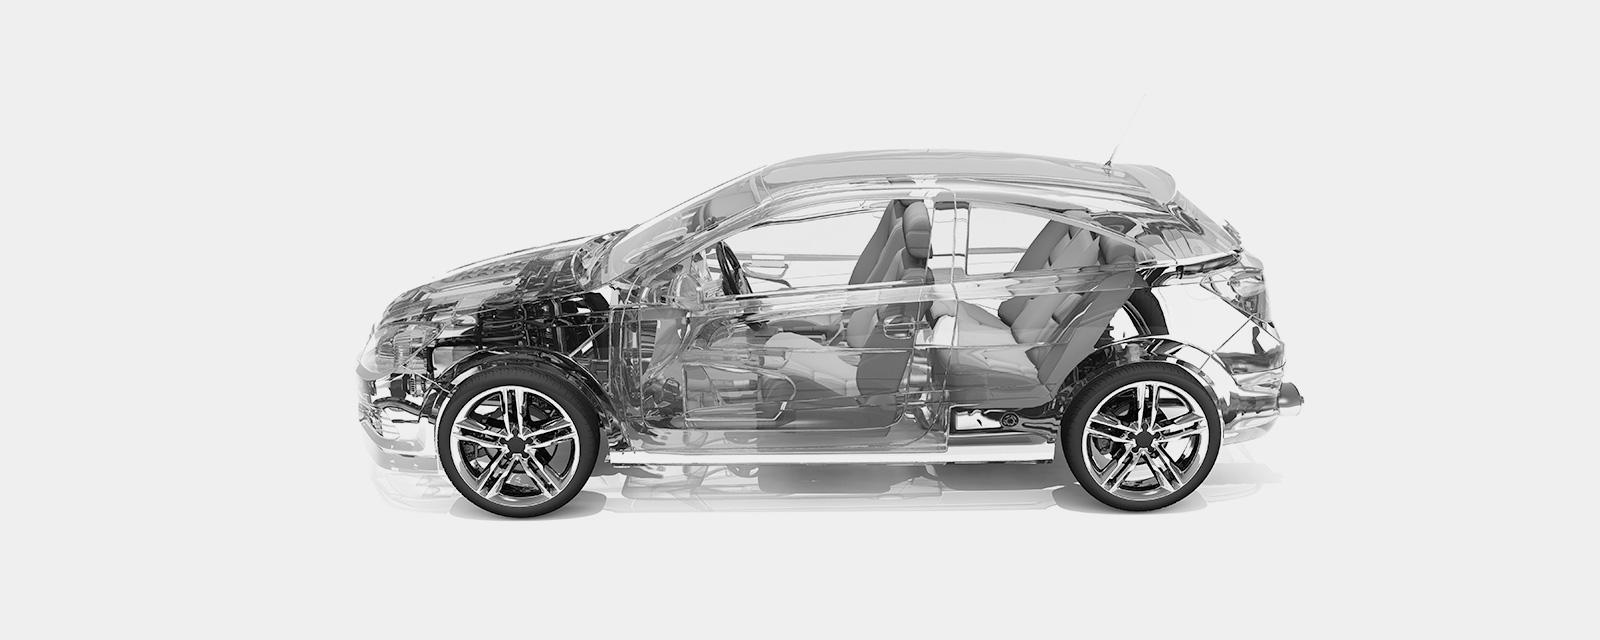 garita-automotive-estampaciones-metalicas-tecnologia-transfer-automocion-berriz-bizkaia